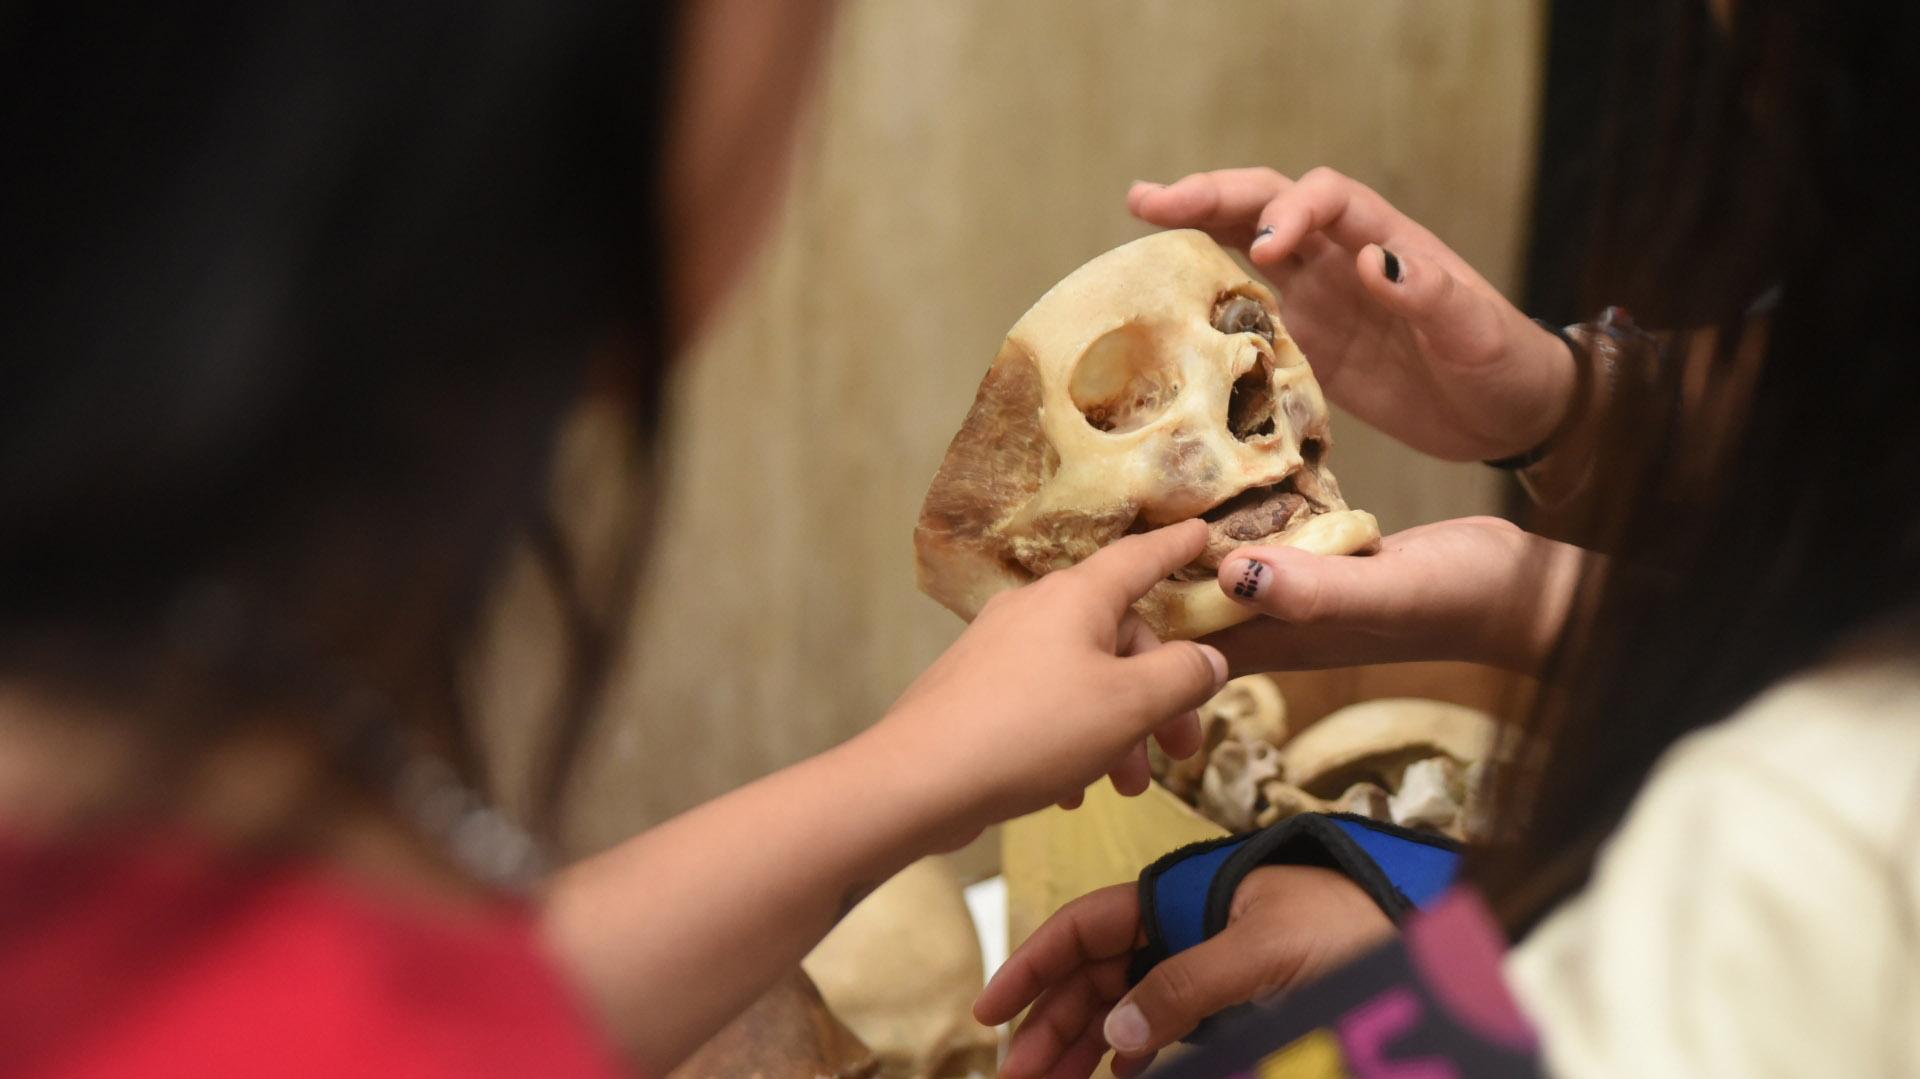 Museo de Anatomía J.J. Naón